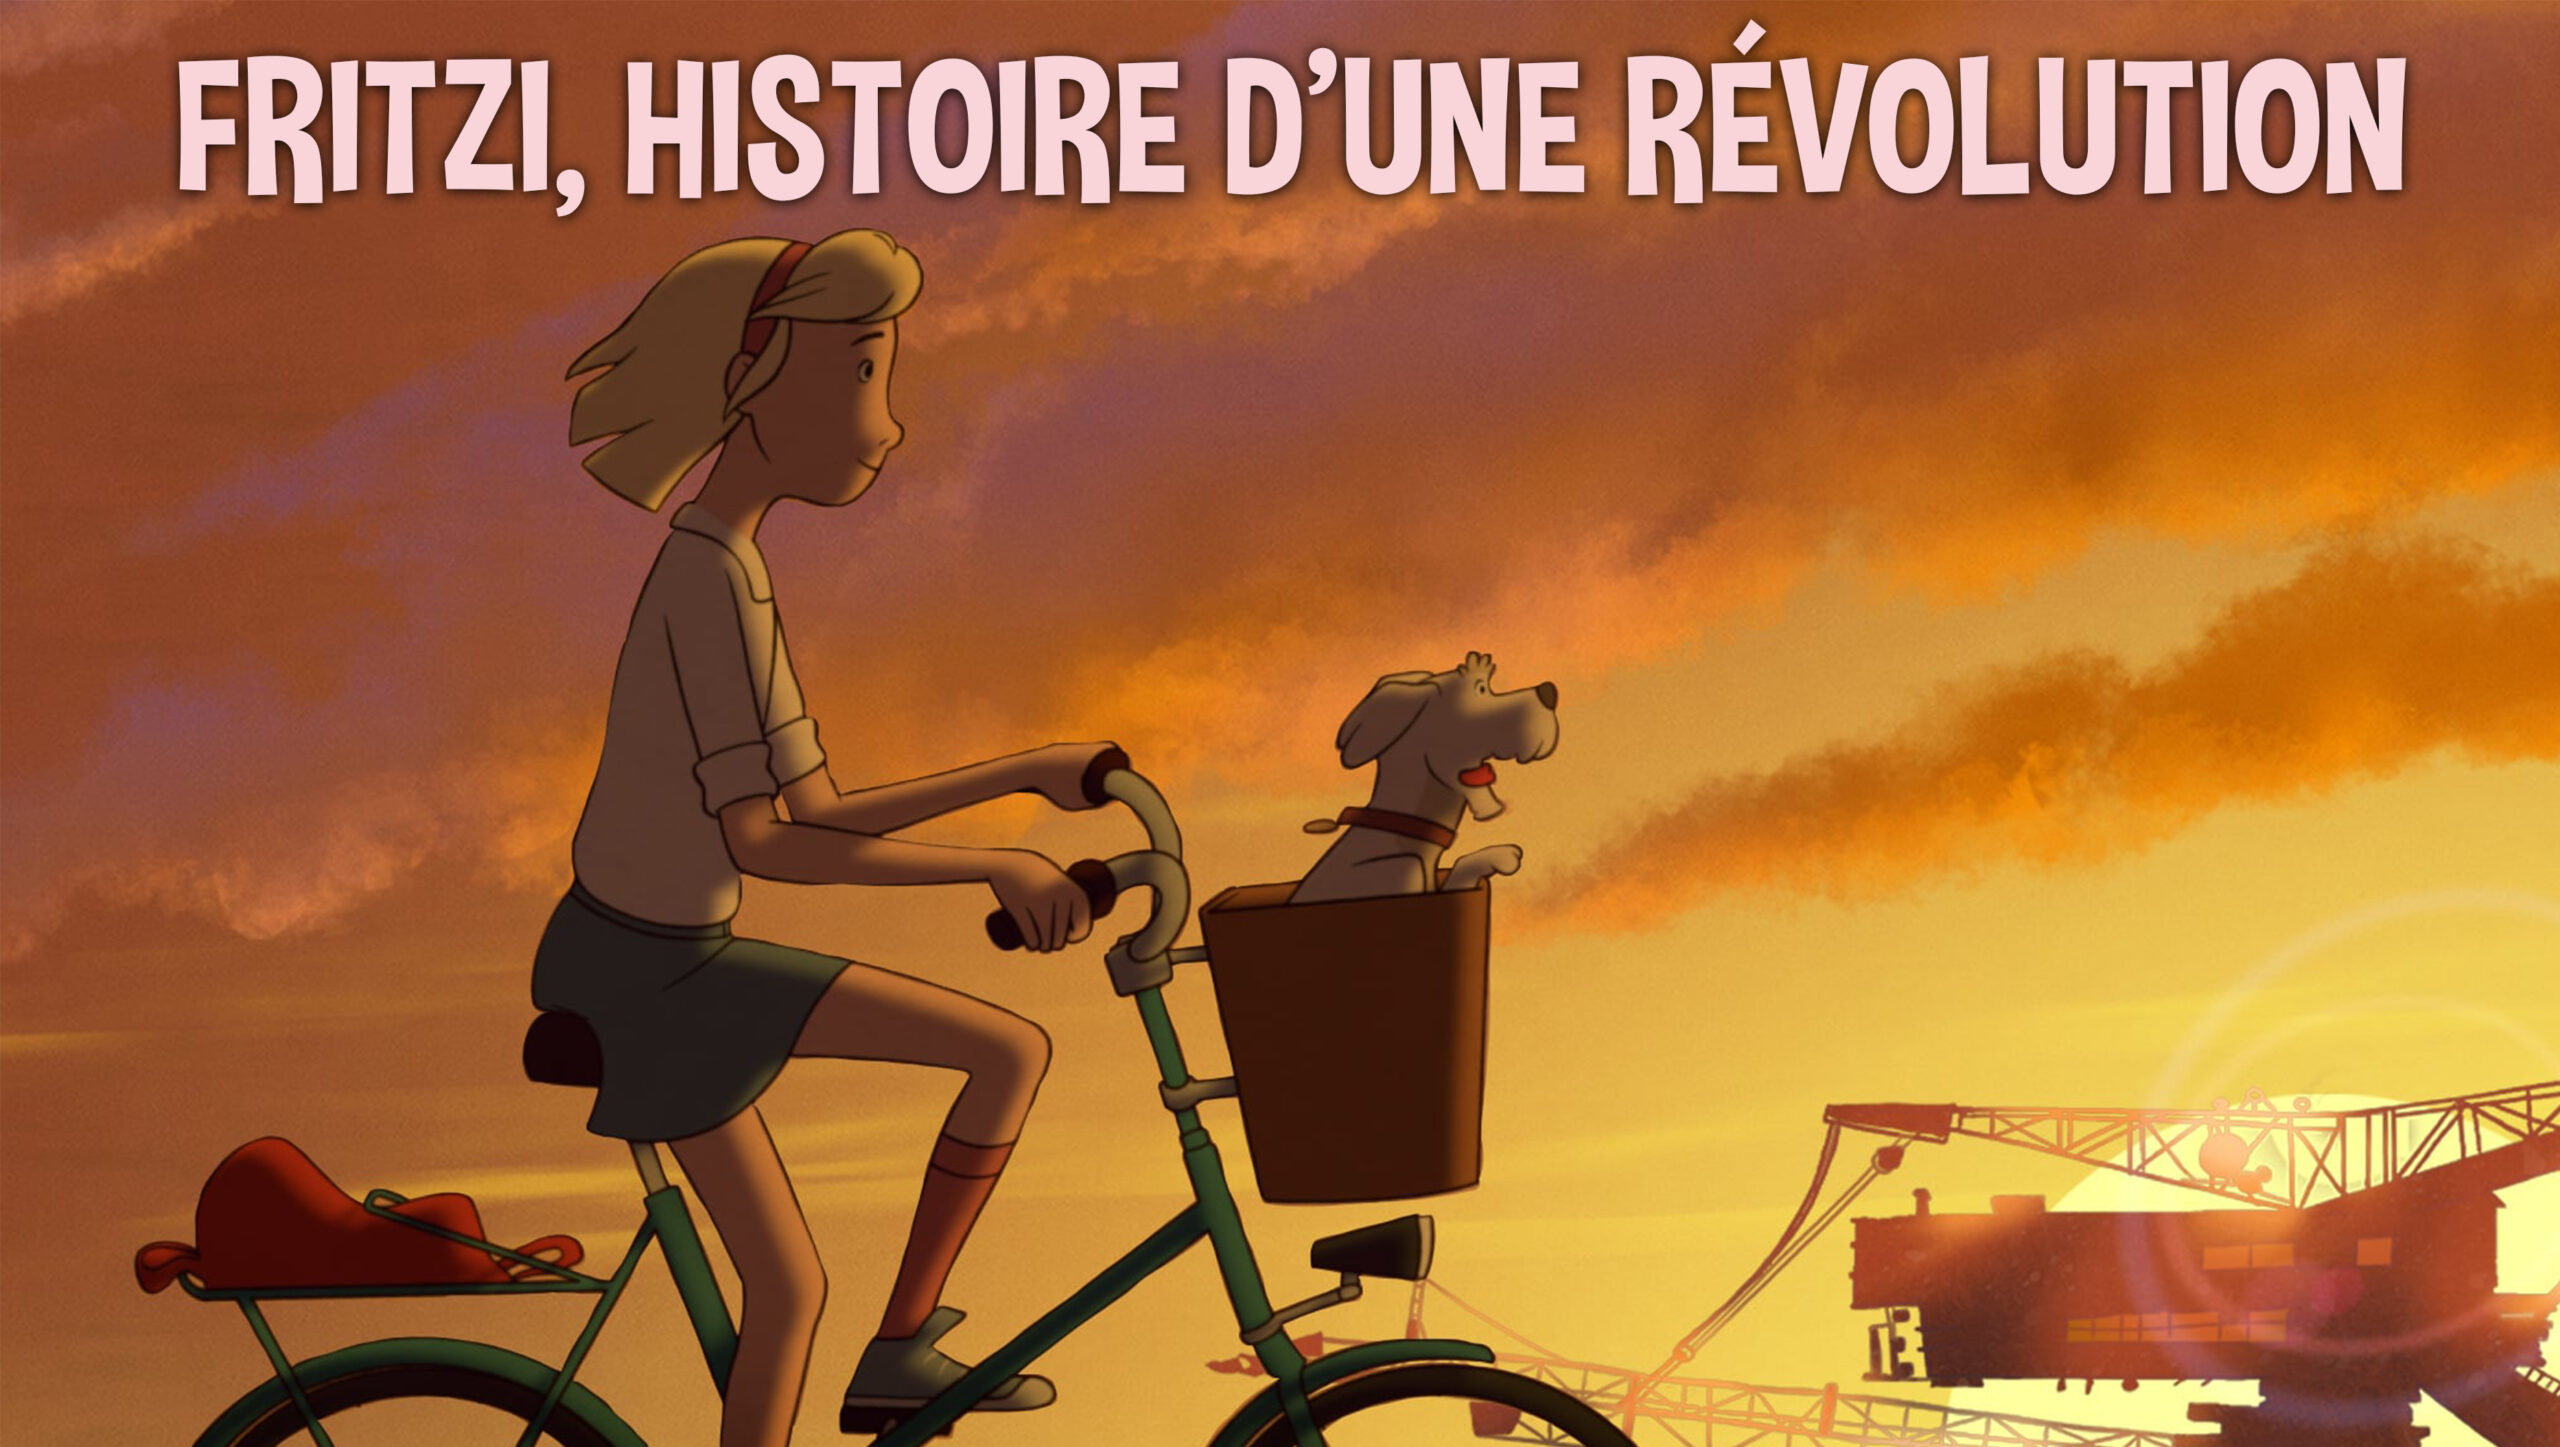 Fritzi – Histoire d'une révolution